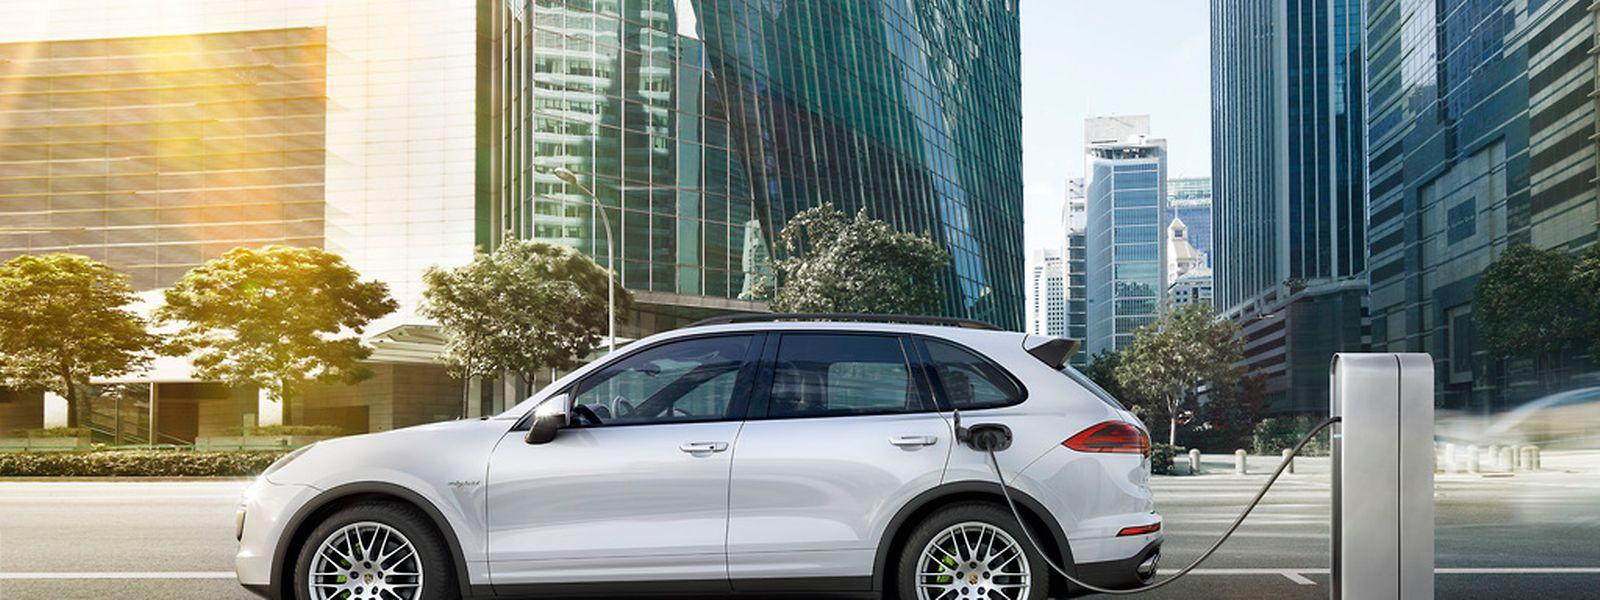 Der Cayenne S E-Hybrid kommt laut Porsche auf einen Normverbrauch von lediglich 3,4 Liter je 100 Kilometer.